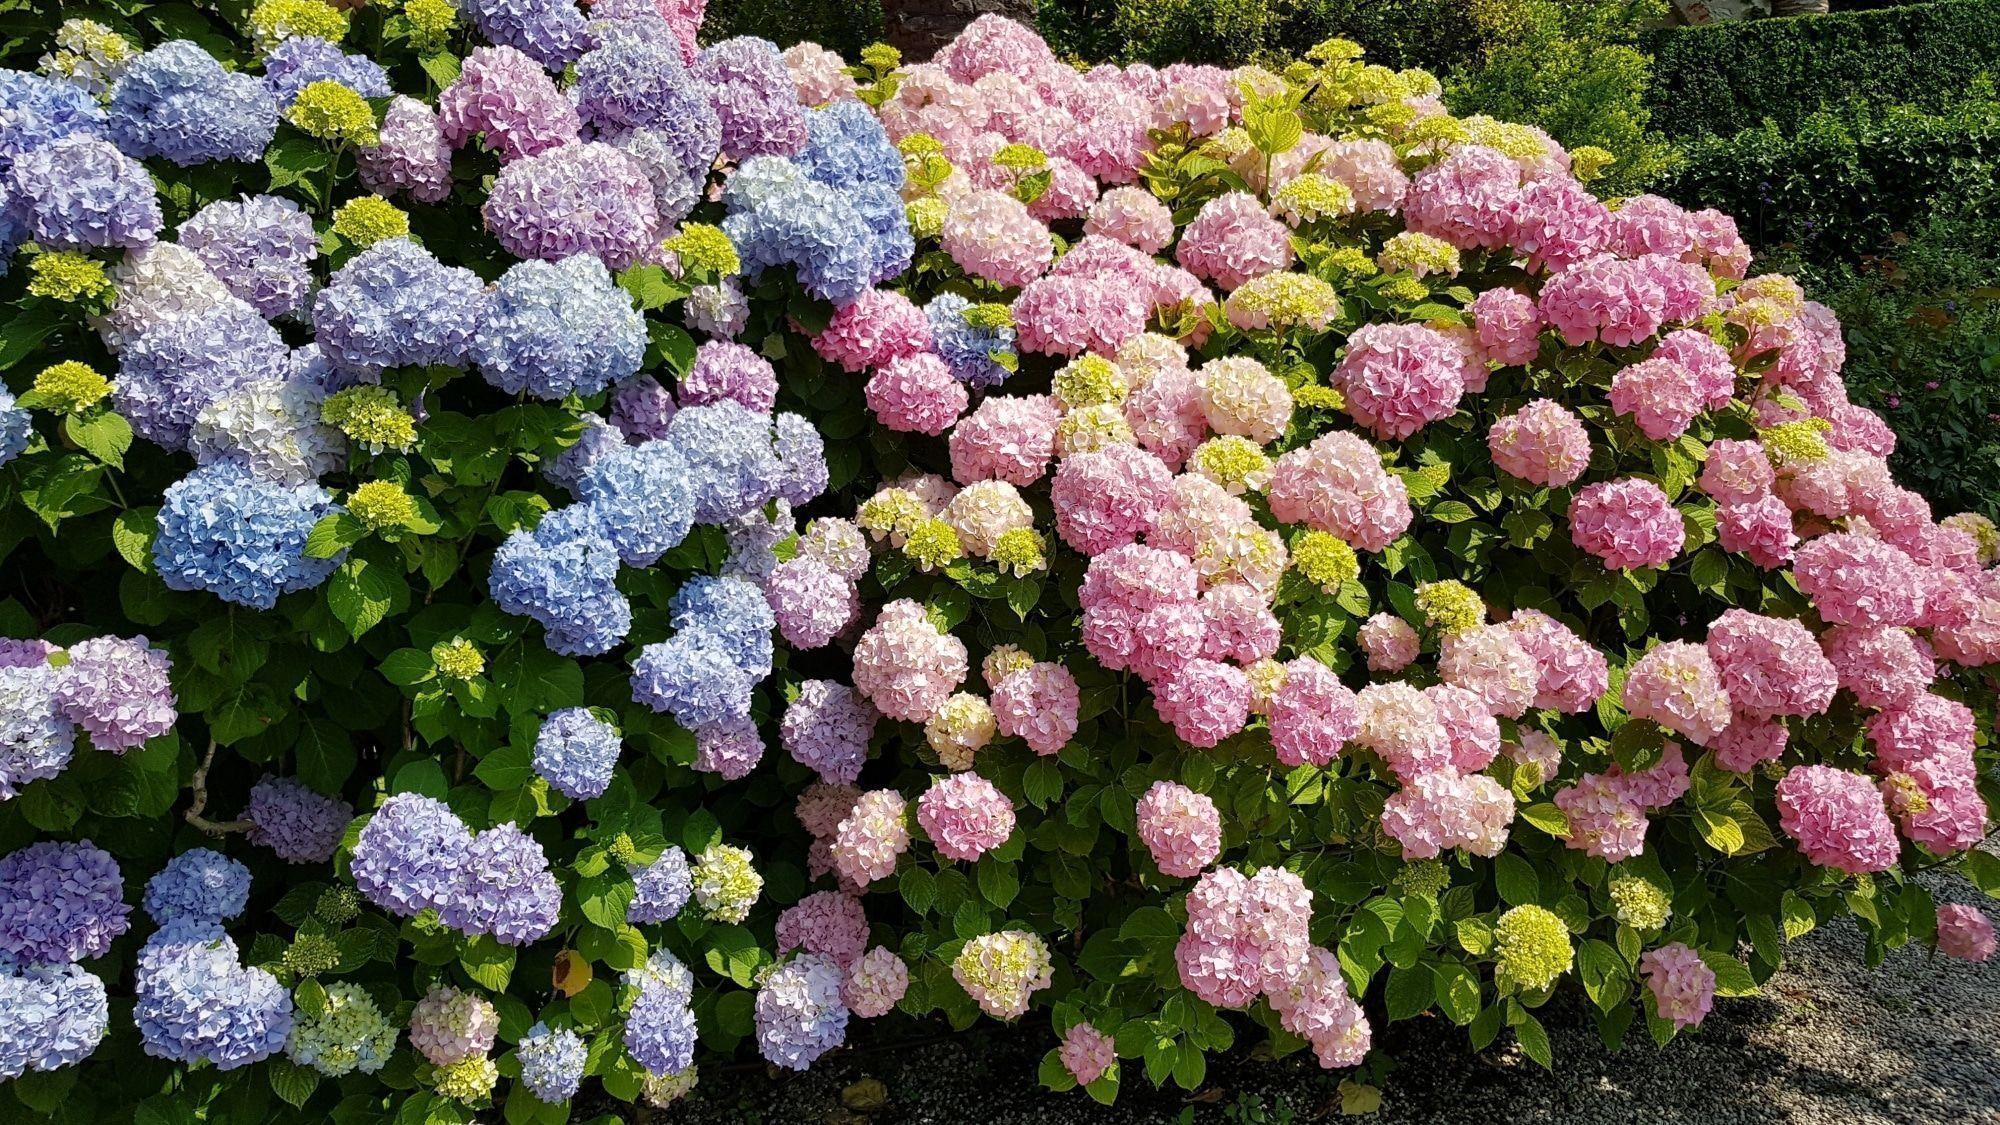 Hortensie Hortensien Hydrangeaceae Hortensienvermehren Hortensien Hortensien Vermehren Ceae Hortensien Pflanzen Pfle In 2020 Hydrangeaceae Hydrangea Grapes